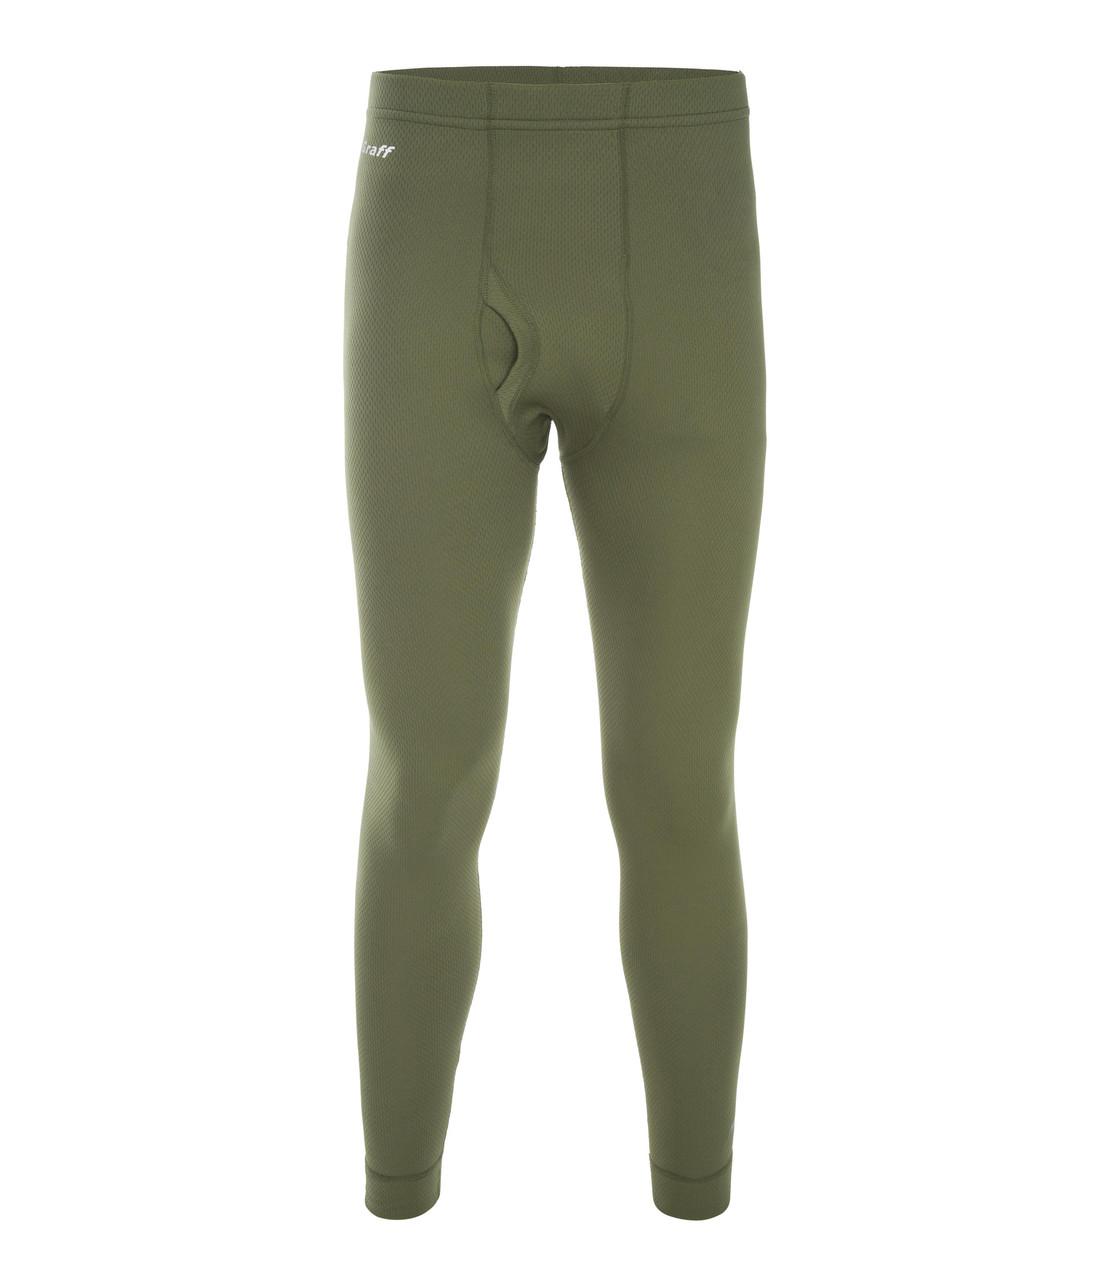 Термобелье GRAFF (штаны) 900 размер XXXL